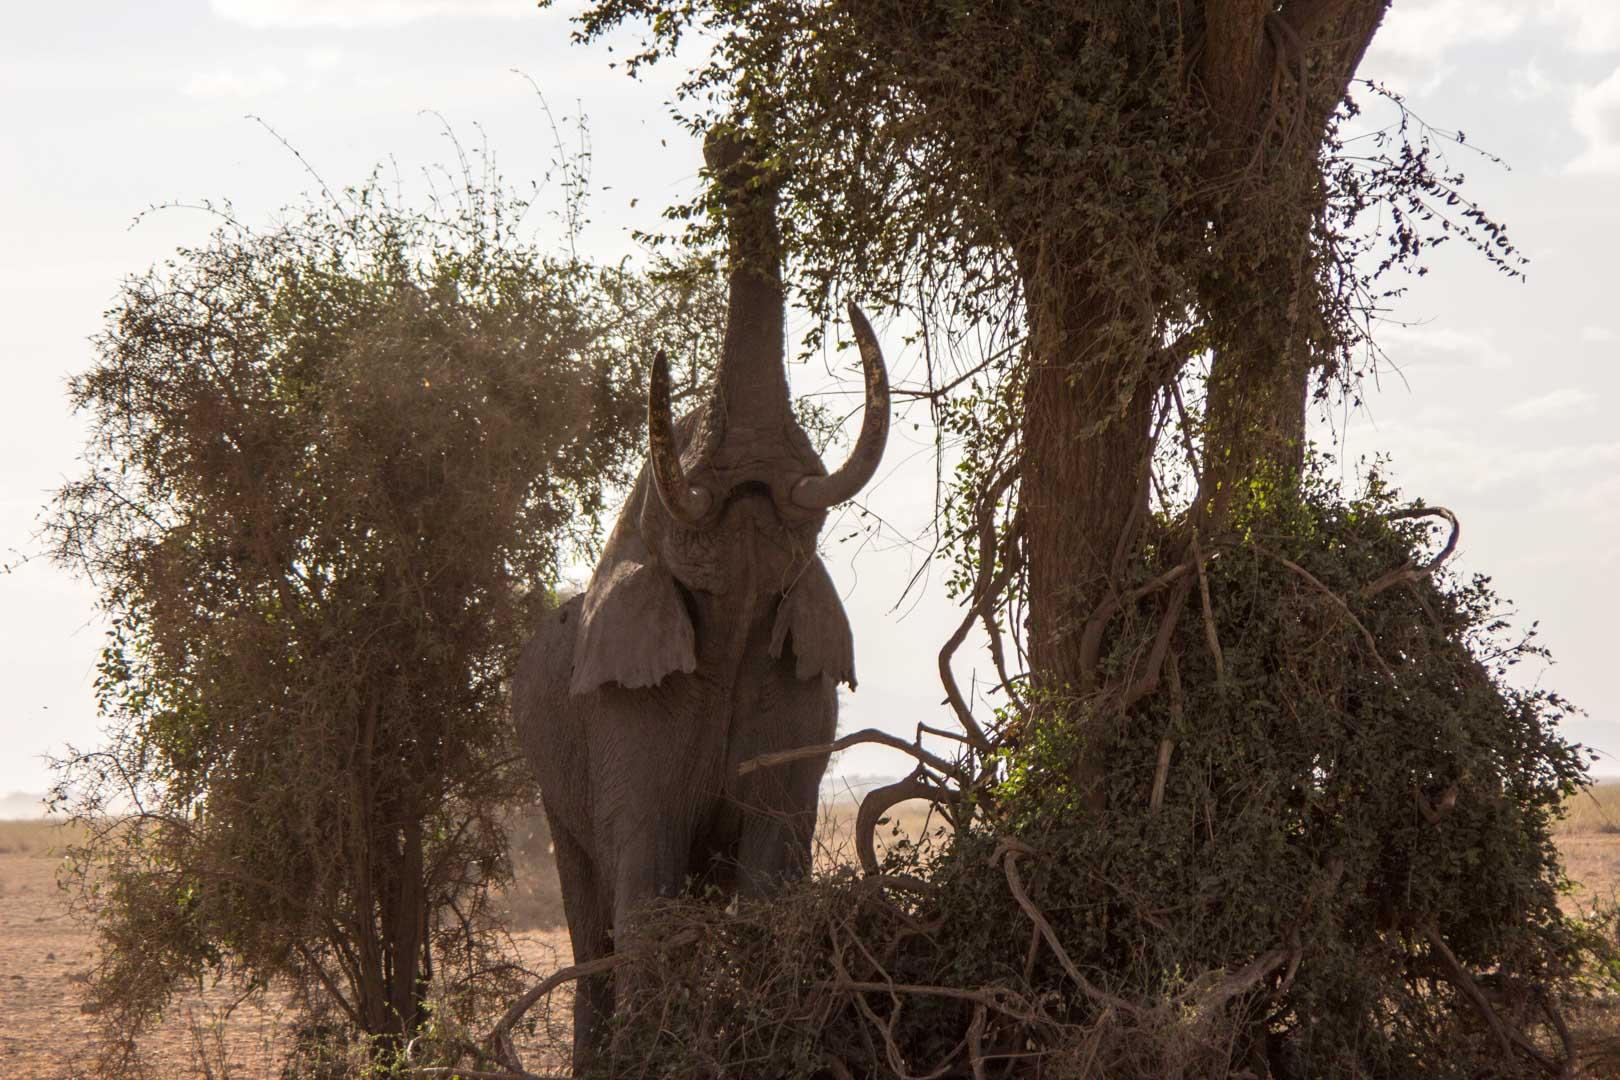 Elefante comiendo de un árbol, Parque Nacional de Amboseli, Kenia